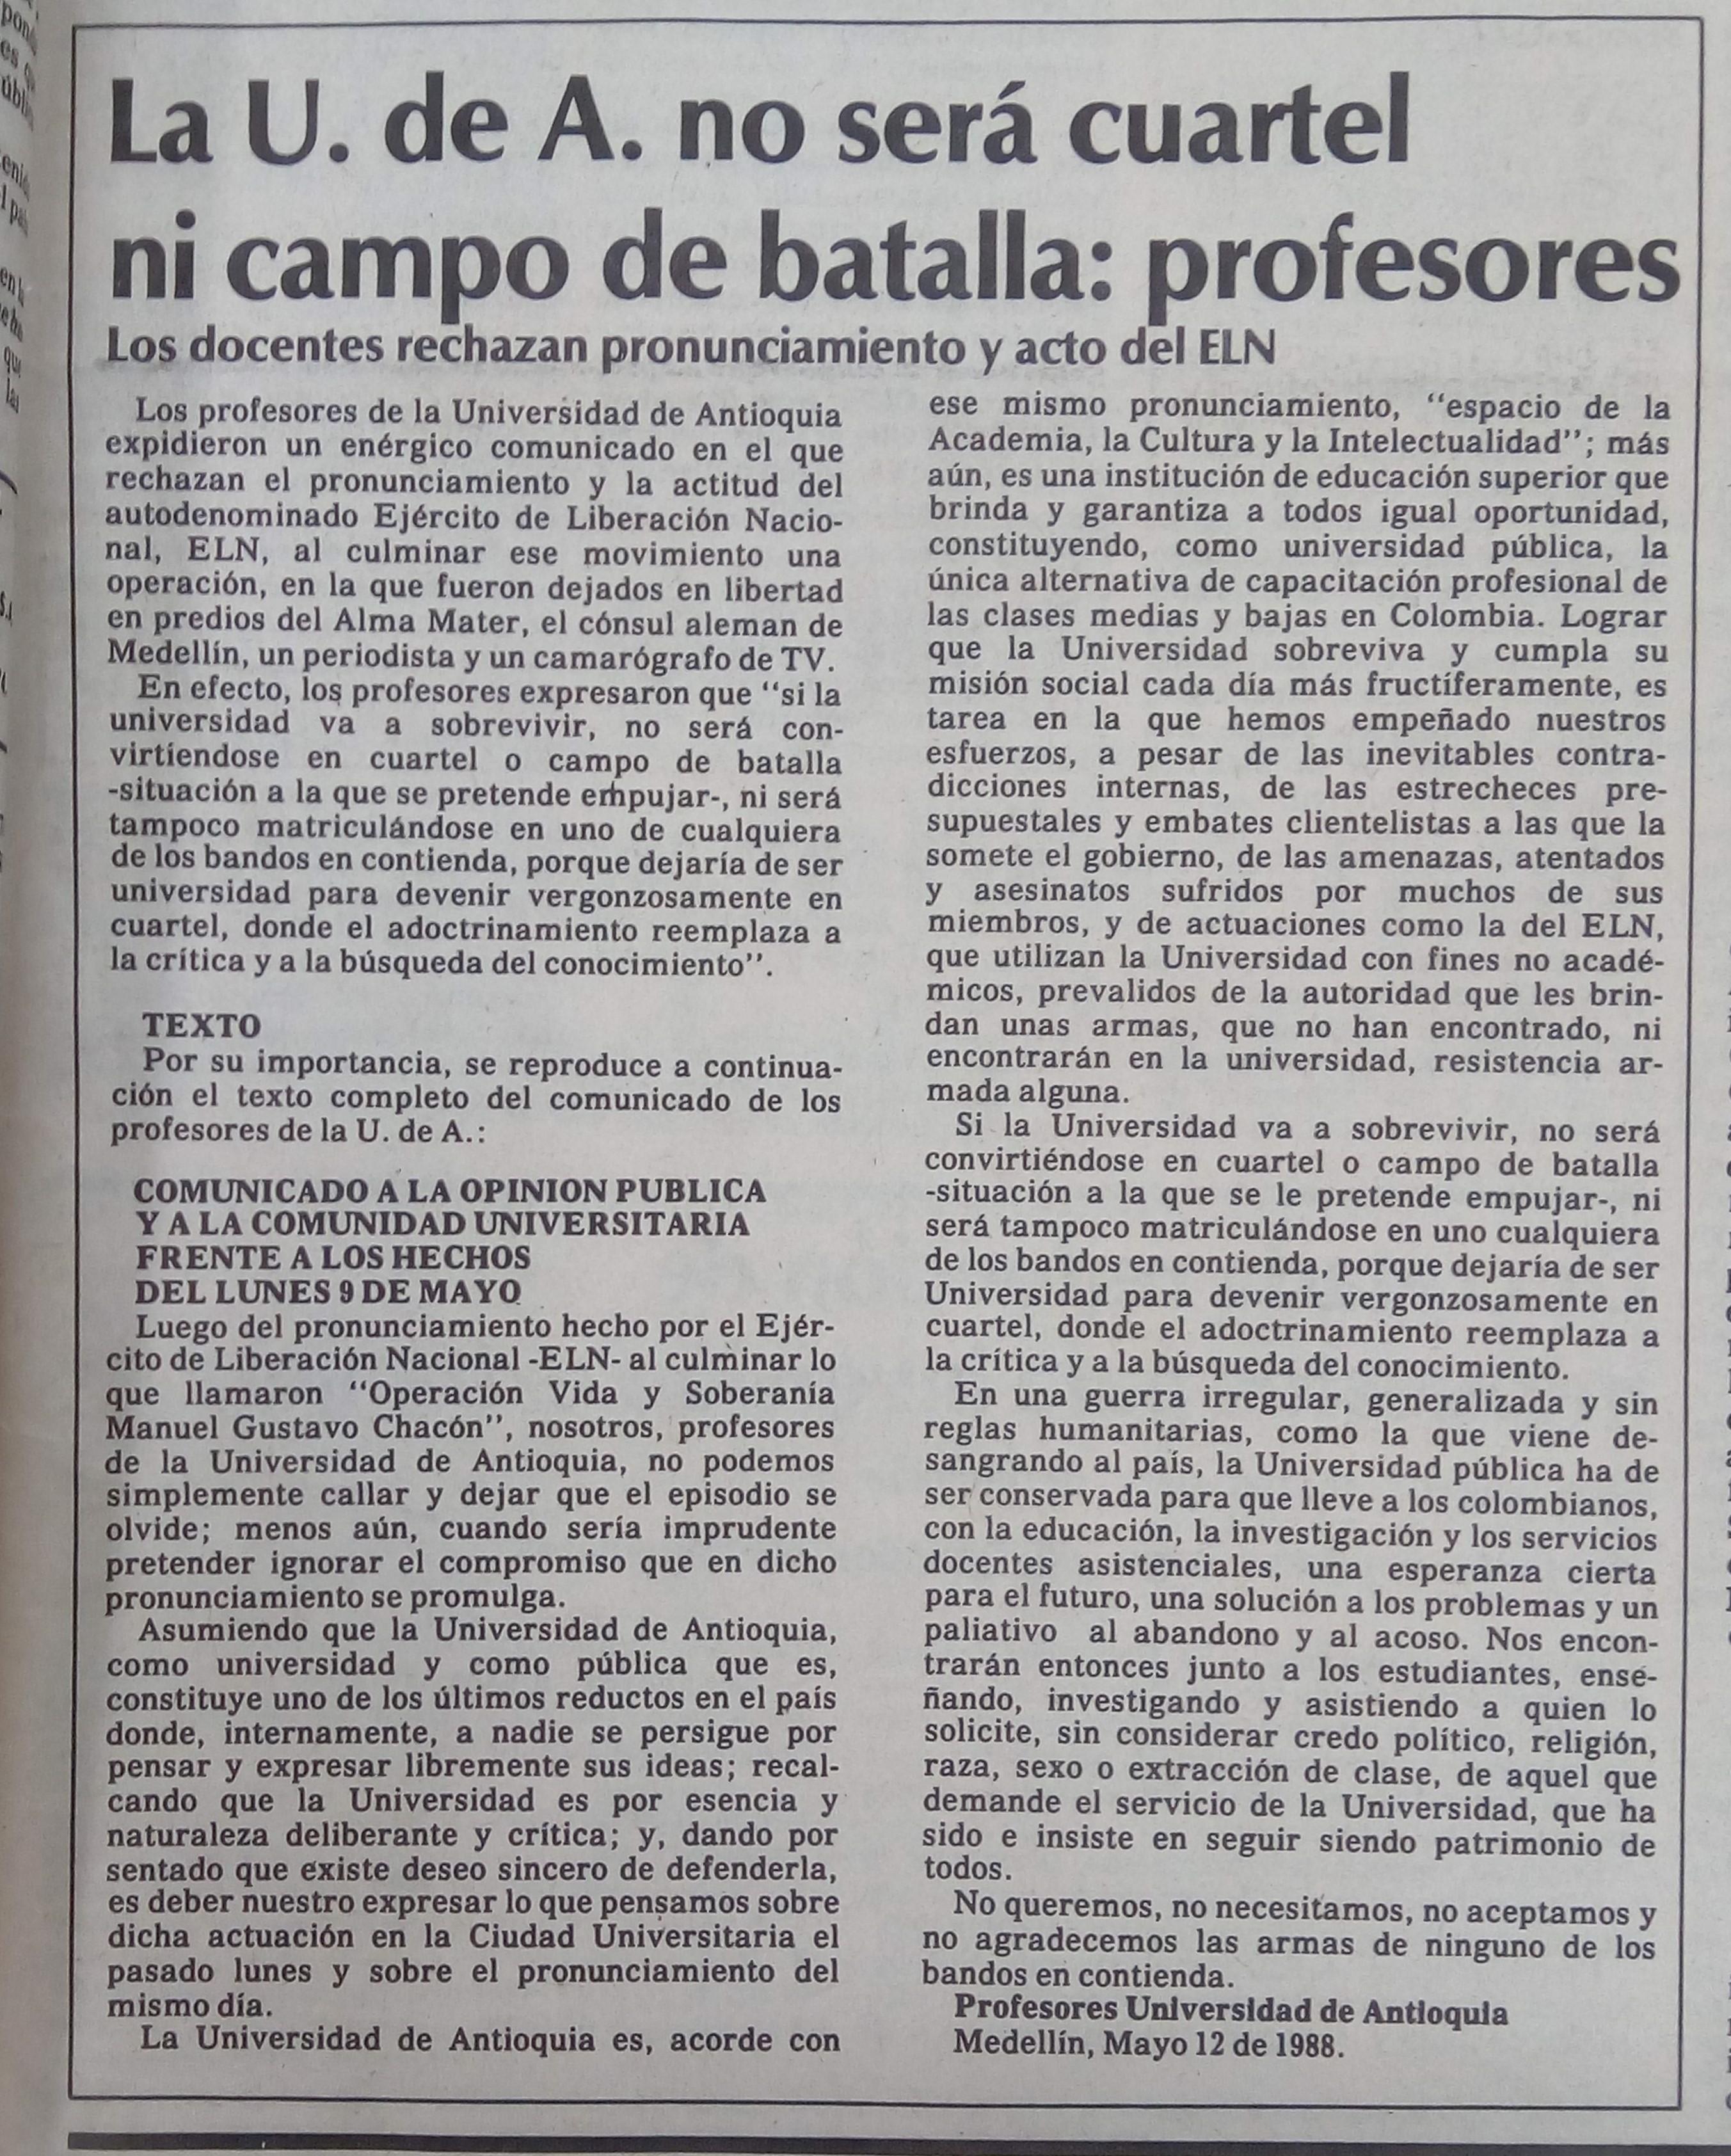 Fotografía tomada de la edición del 14 de mayo de 1988 del periódico El Colombiano